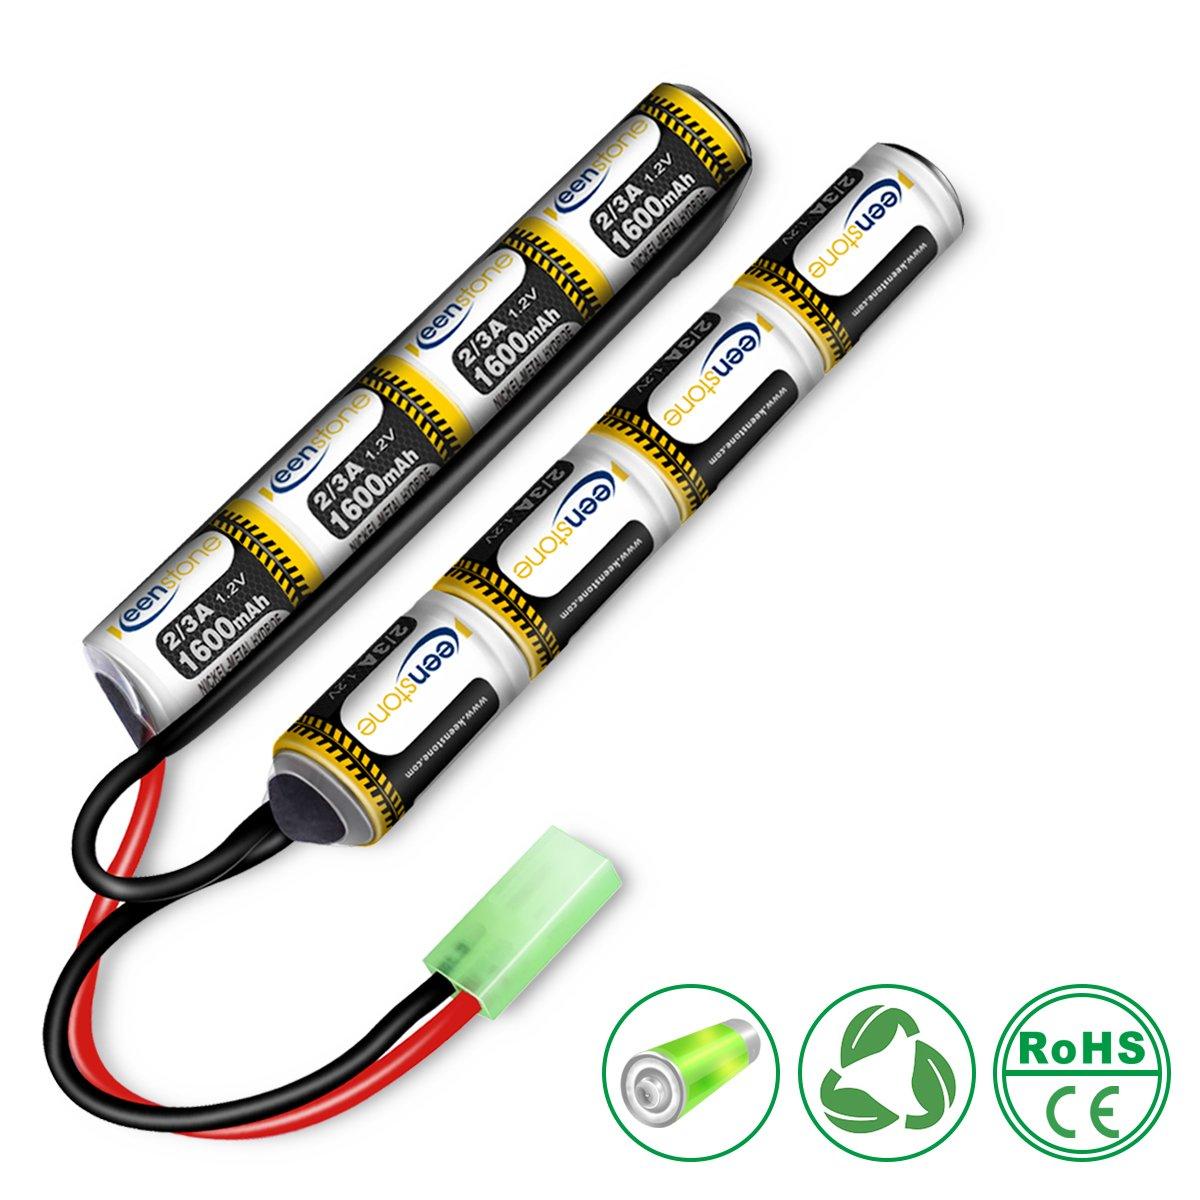 keenstone Airsoft Mini Batterie NiMH 9, 6 V 1600 mAh Nunchuk bâton pour Fusil à air comprimé ICS CA TM SRC JG G36 G& M734 etc + Mini connecteur Tamiya de Haute décharge 1011002